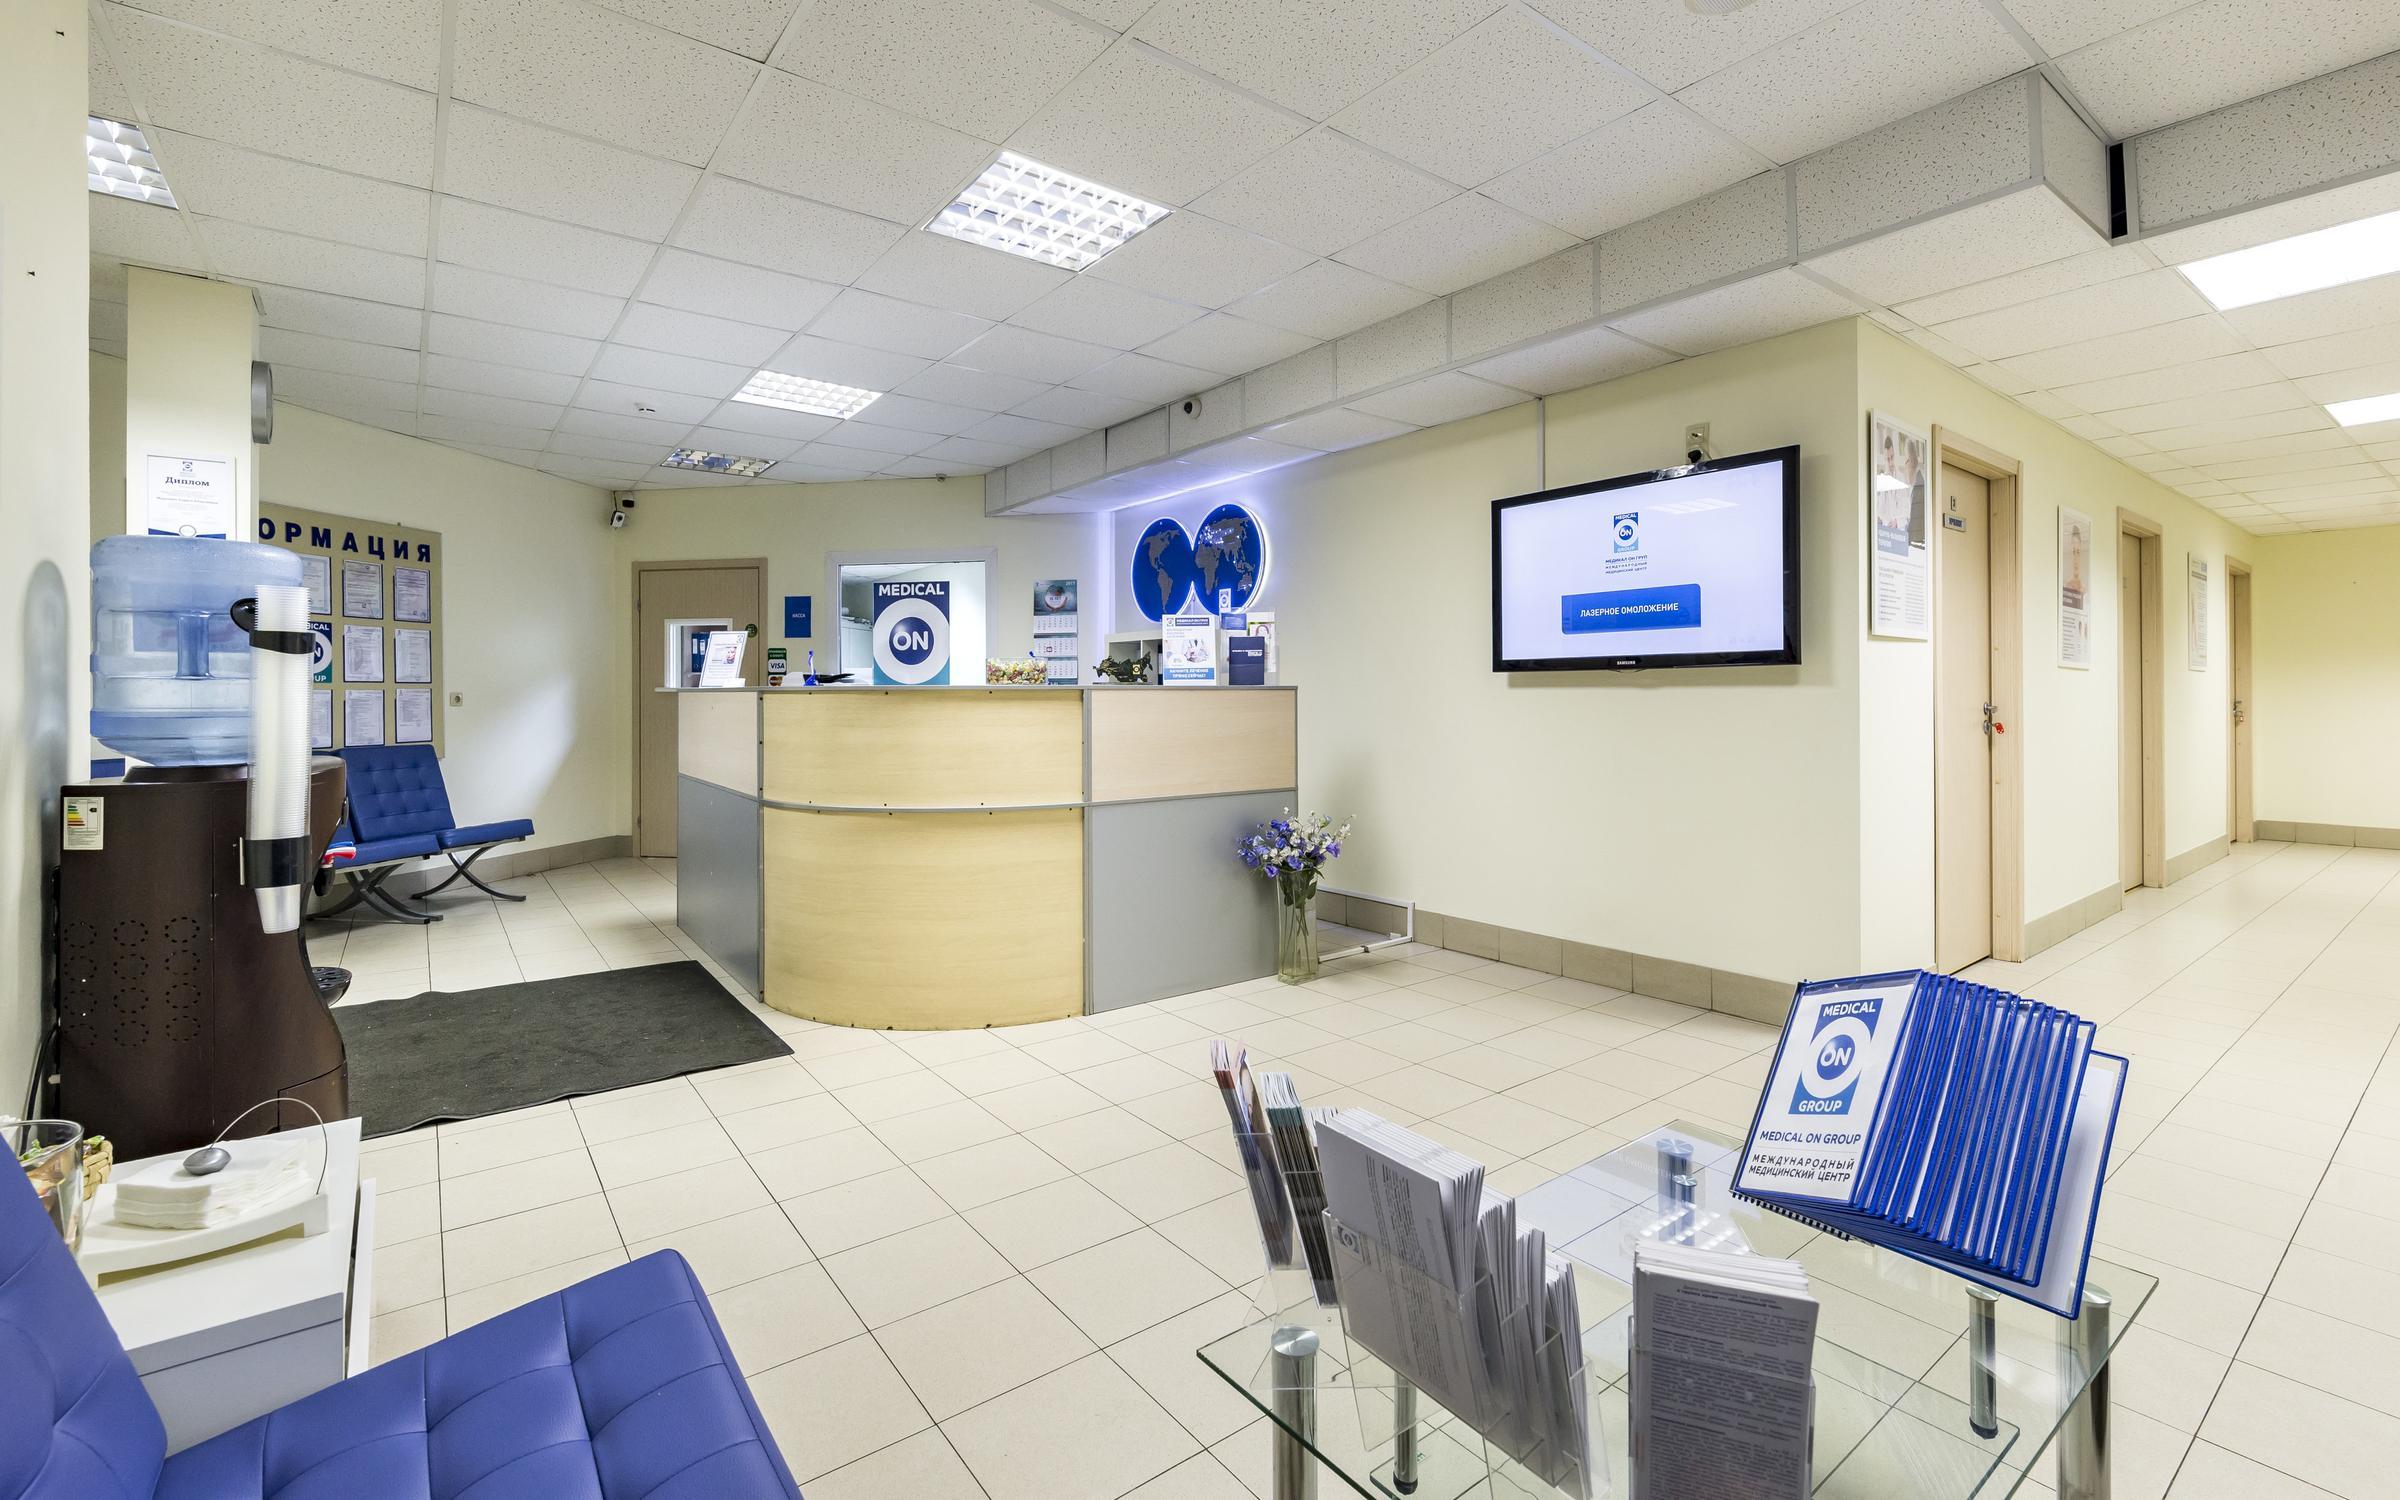 фотография Медицинского центра Medical On Group на Октябрьском проспекте в Люберцах